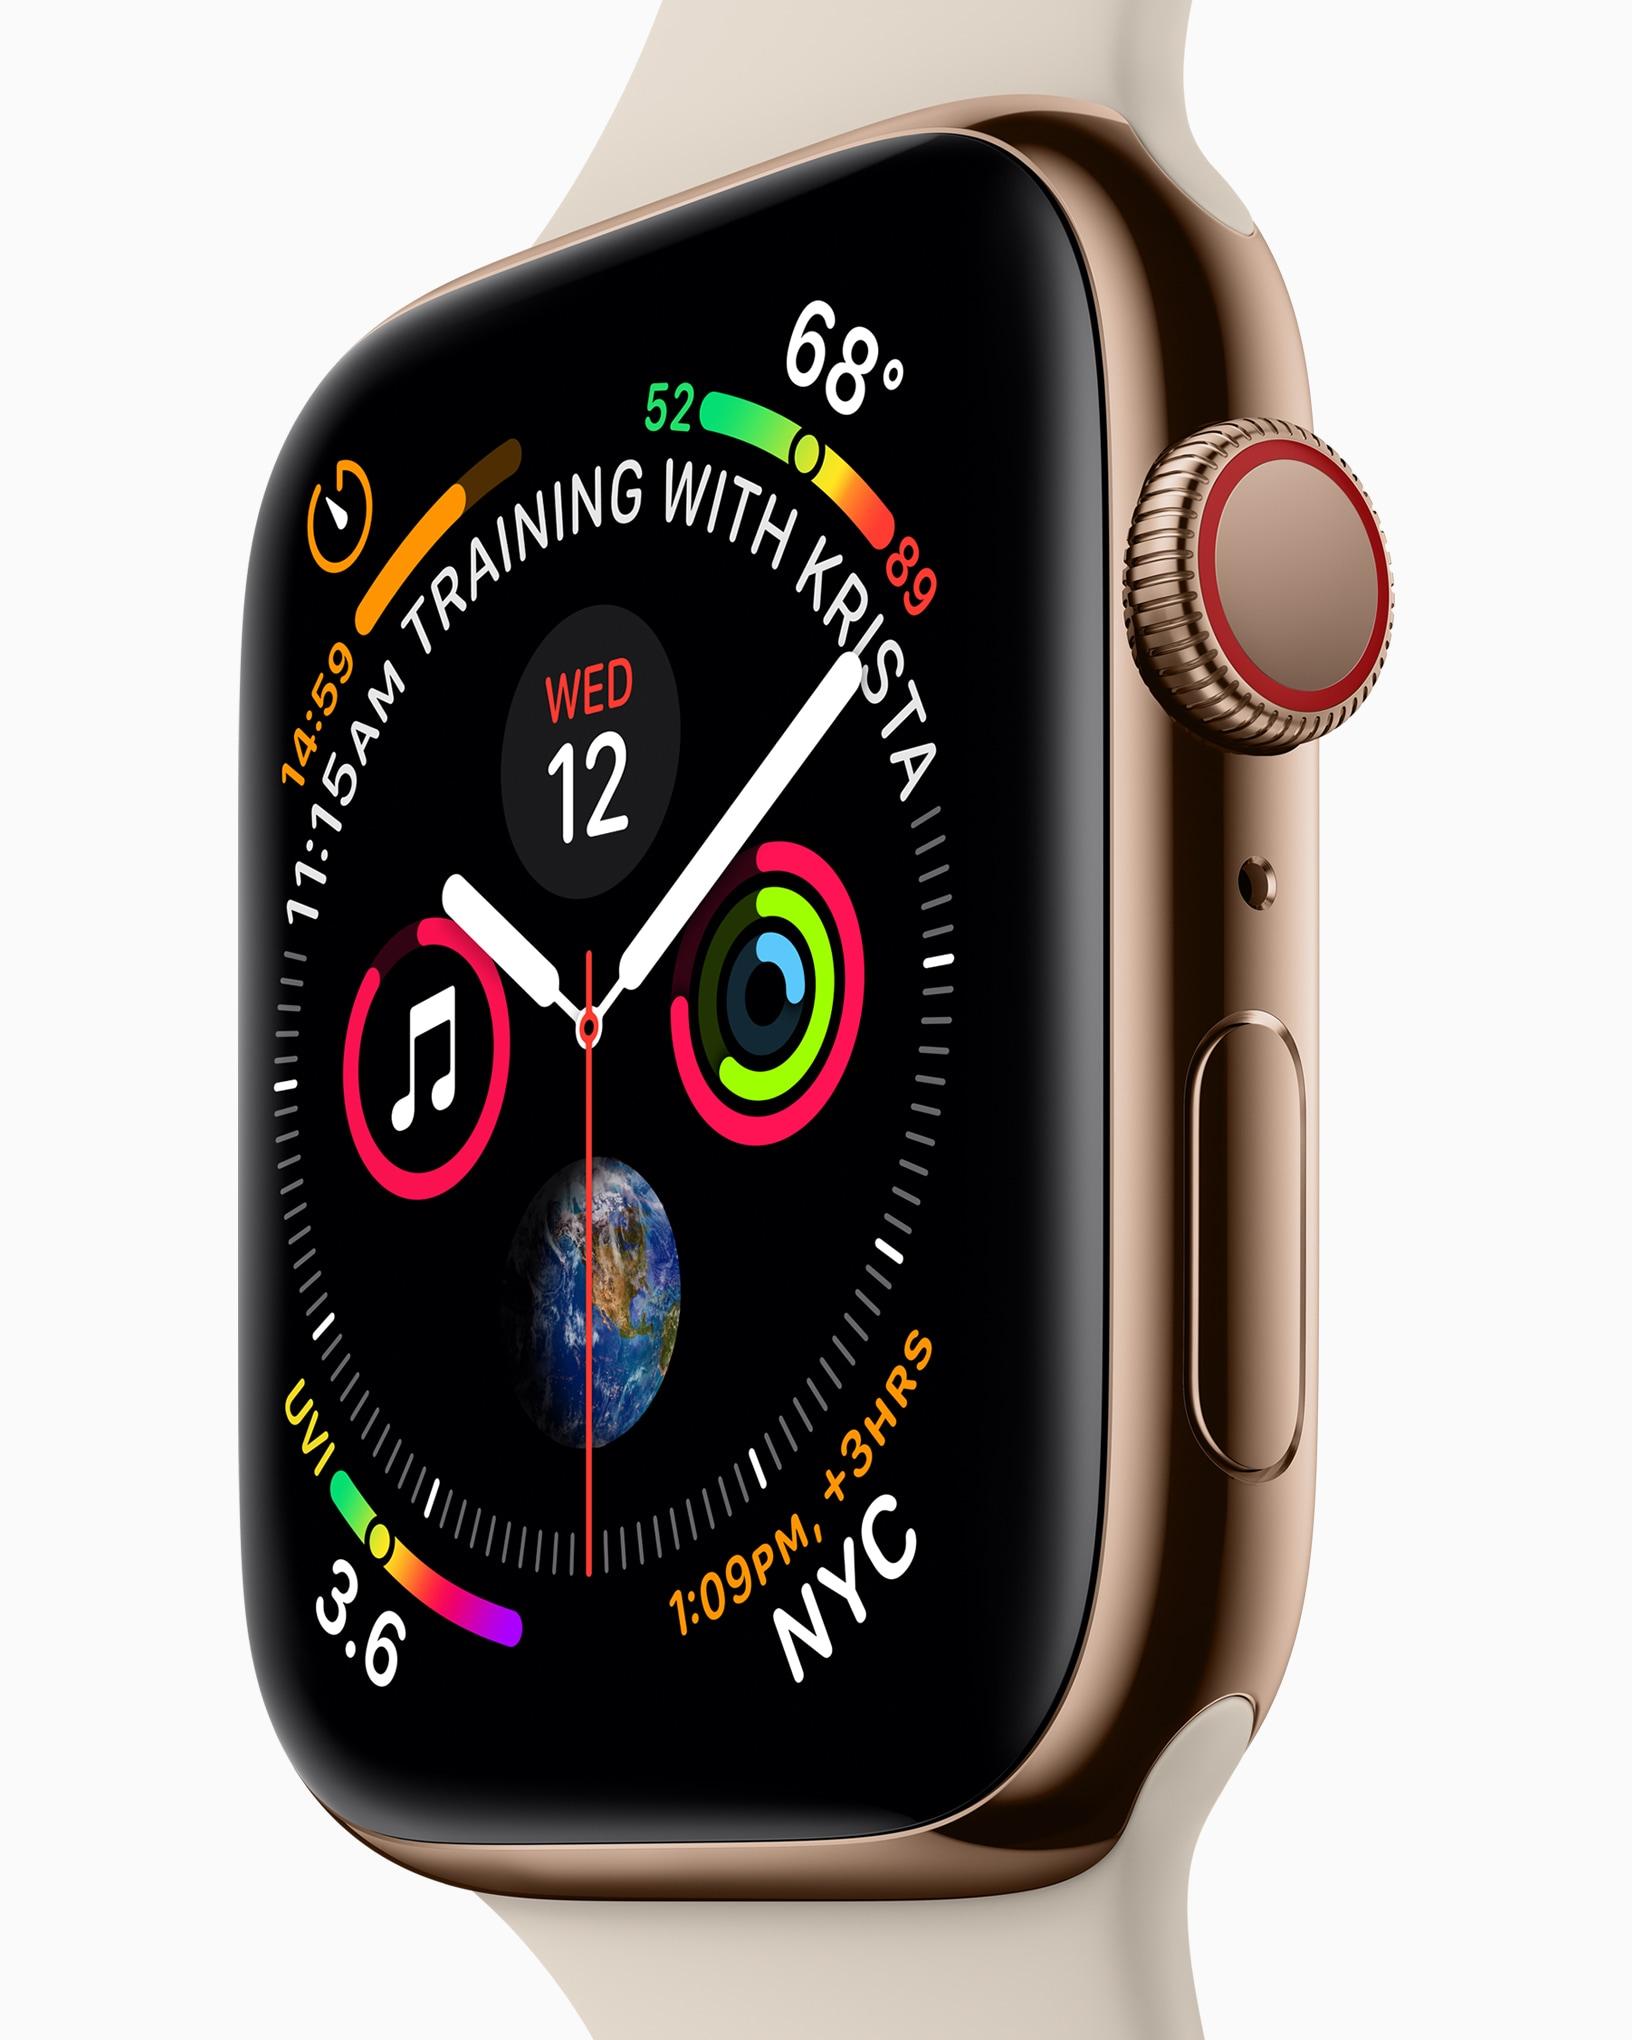 Apple Watch Series 4 com mostrador cheio de complicações de lado